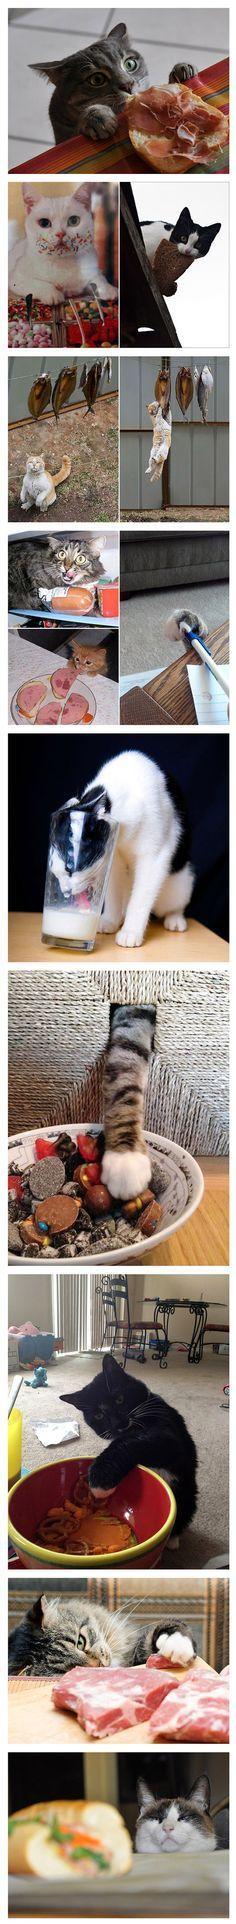 Gatos robando comidabon